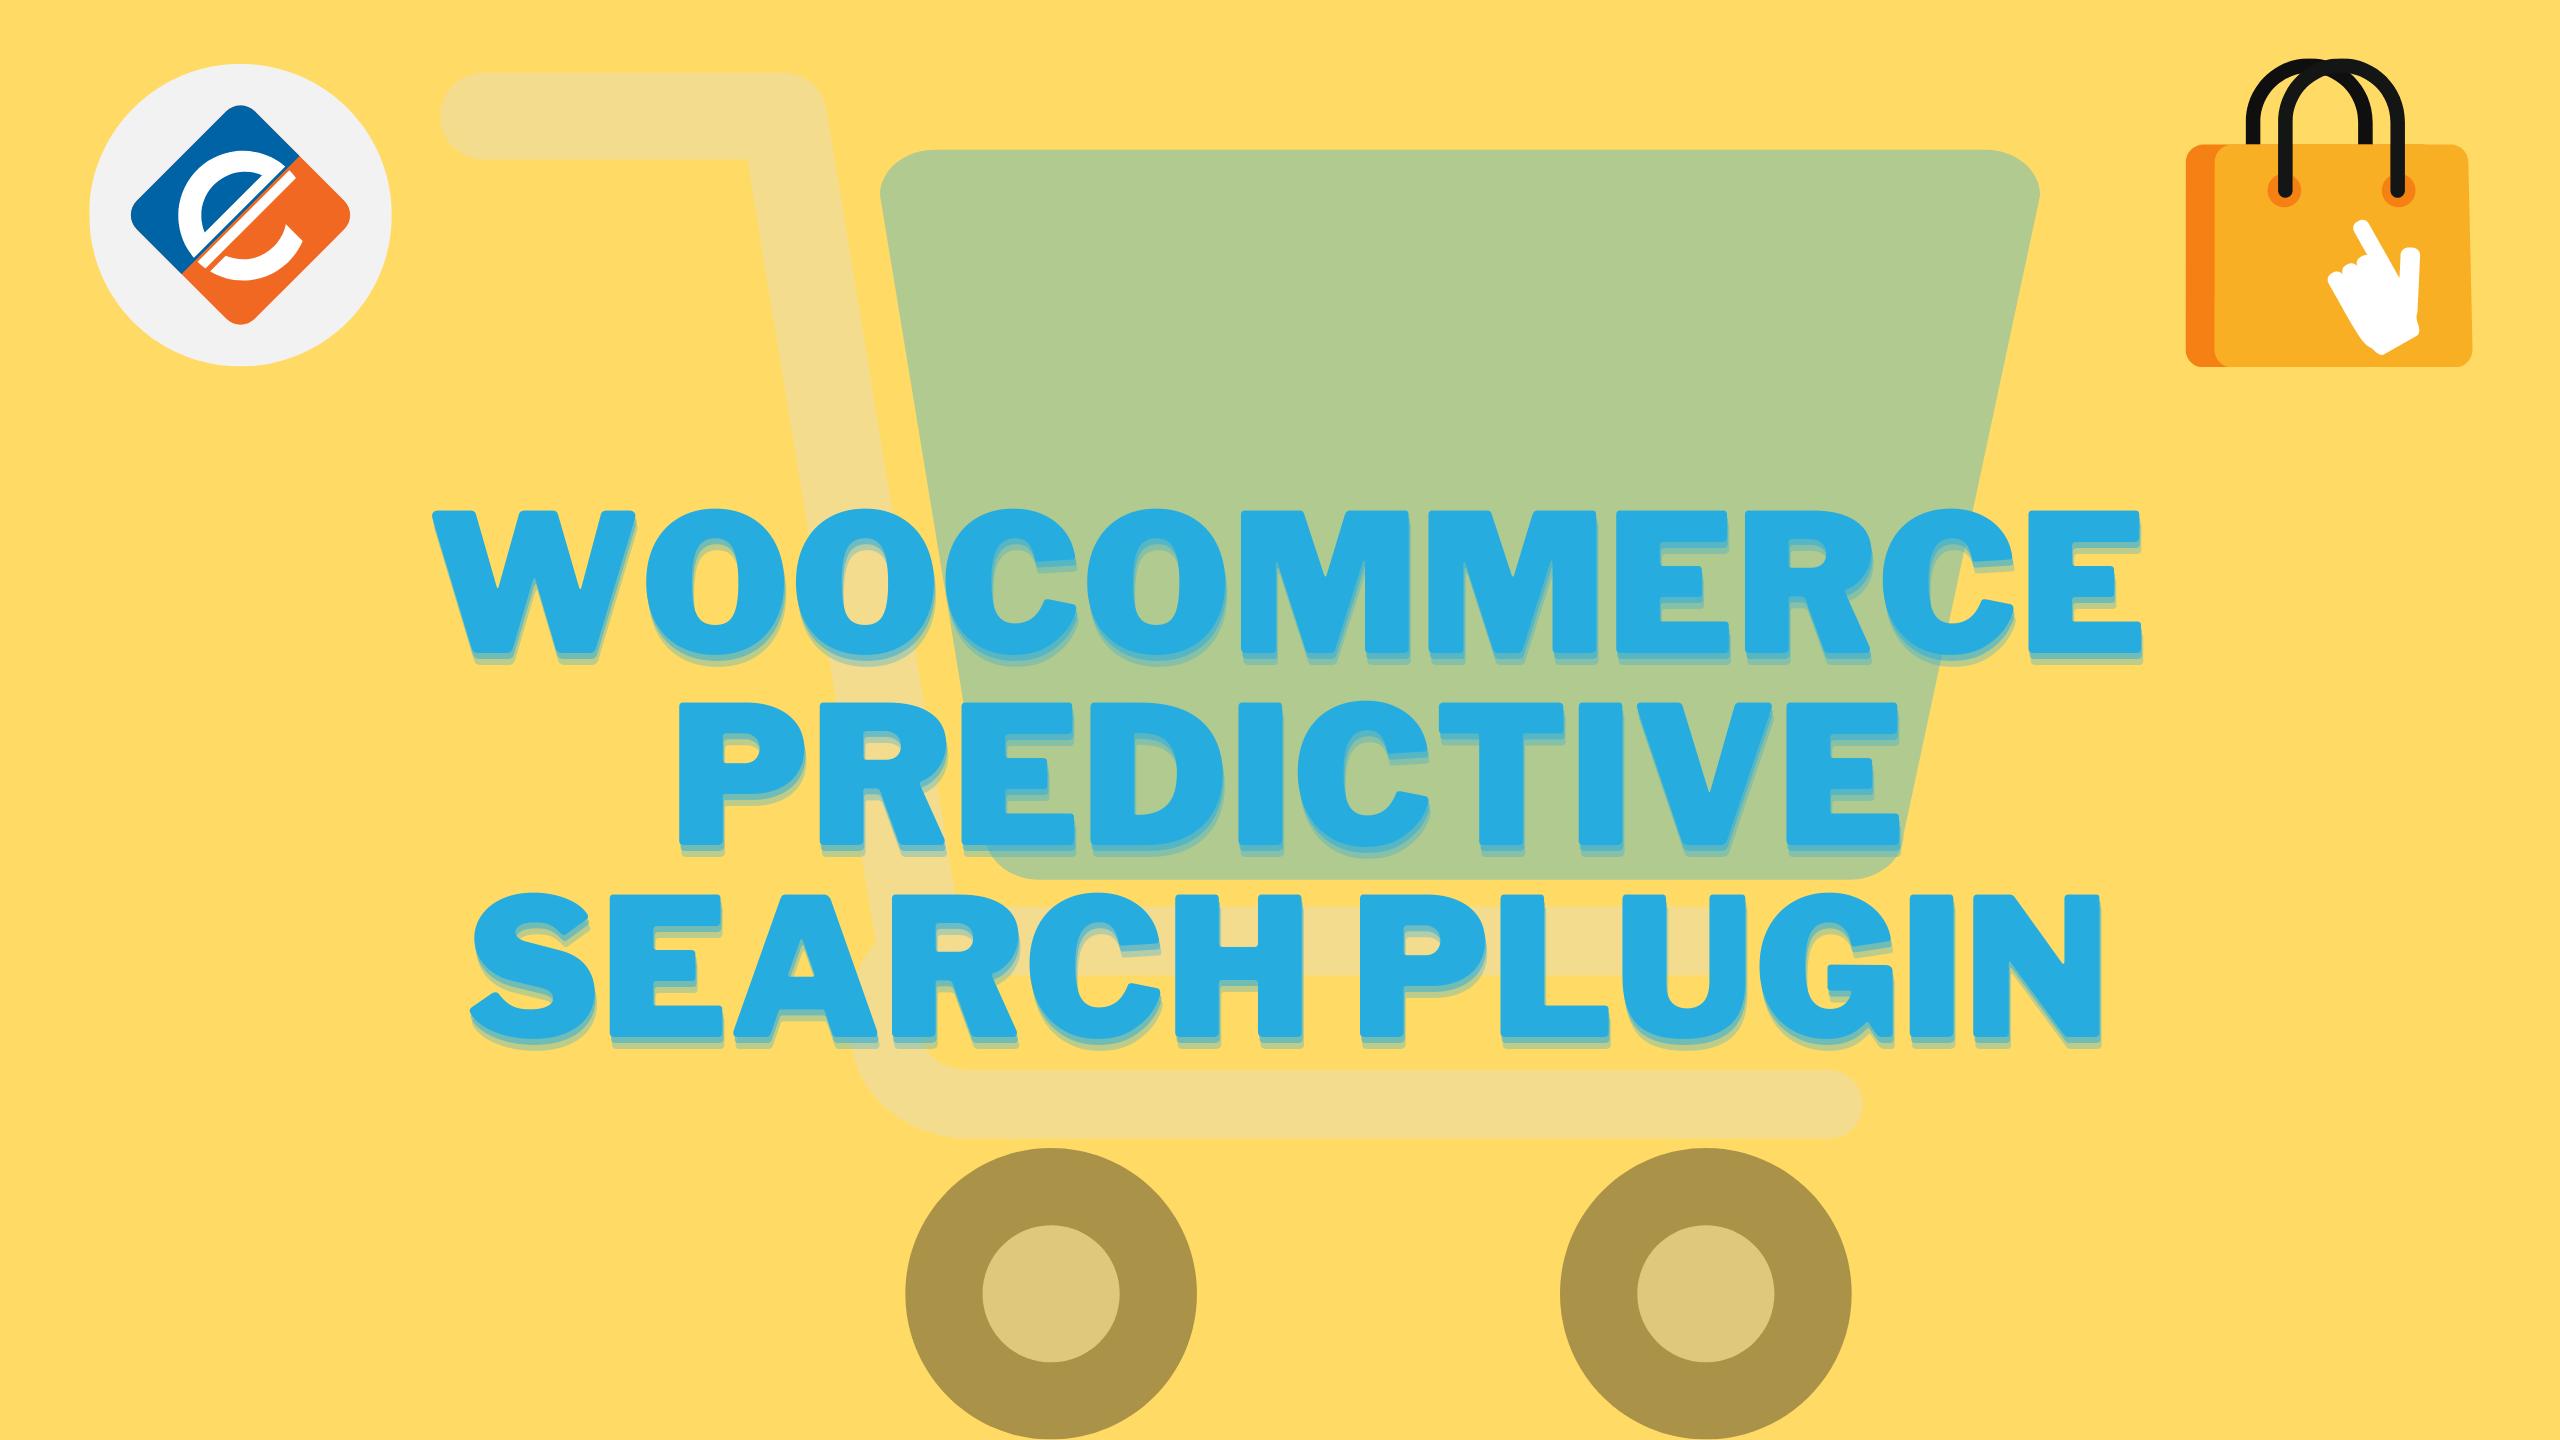 Woocommerce Predictive Search Plugin